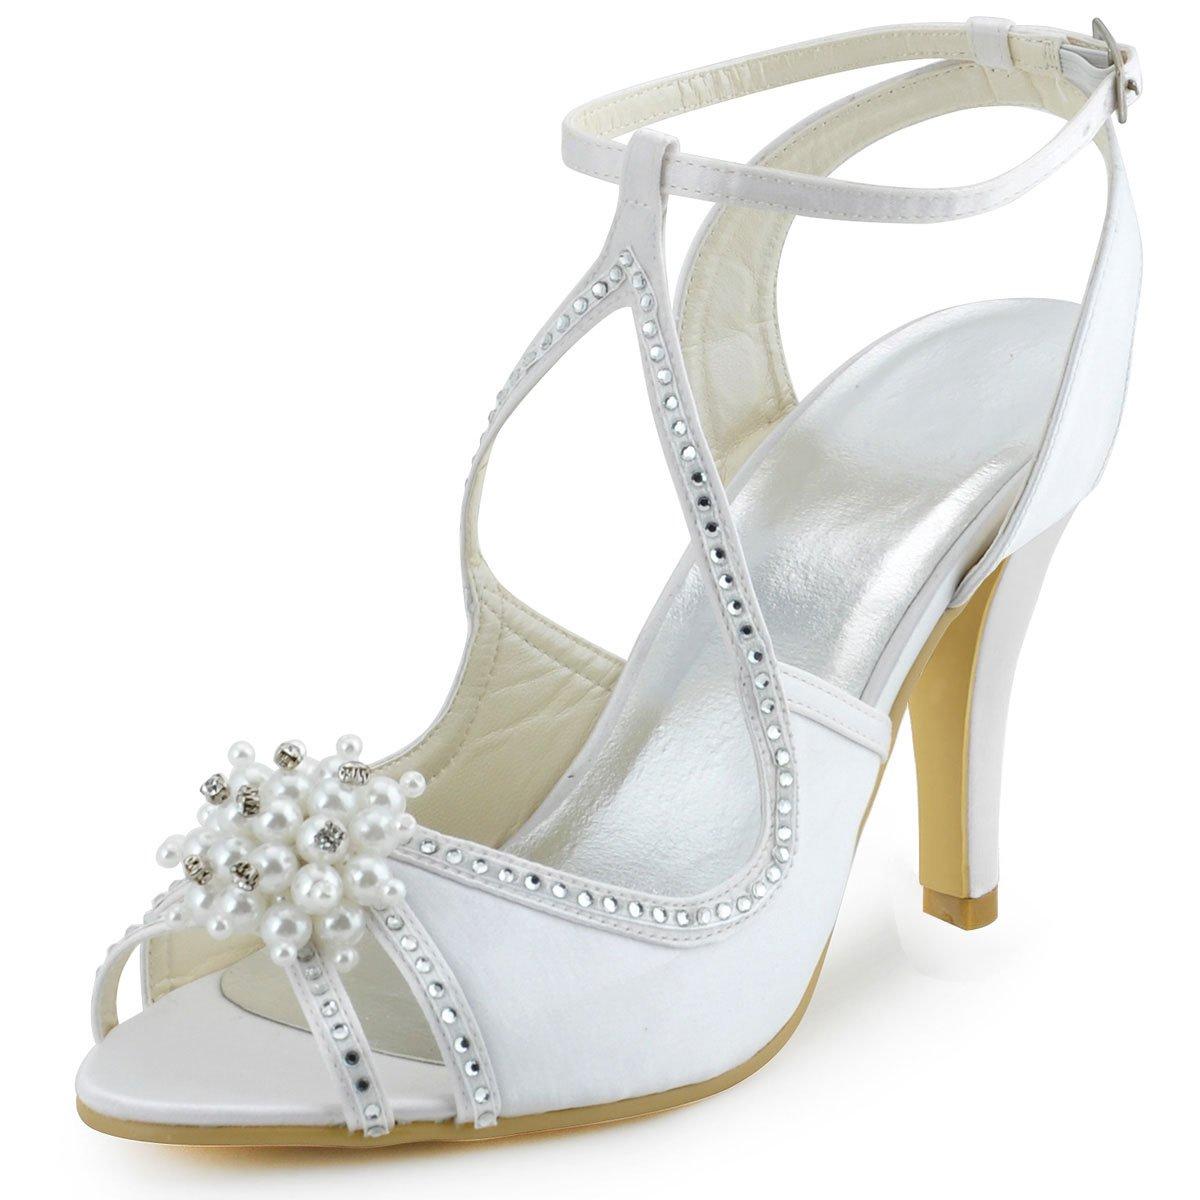 Elegantpark EP11058 19571 Bout Ouvert Satin Perle EP11058 Strass de Aiguille Talon Pumps Femme Sandales Chaussures de Mariage Blanc 184851a - reprogrammed.space